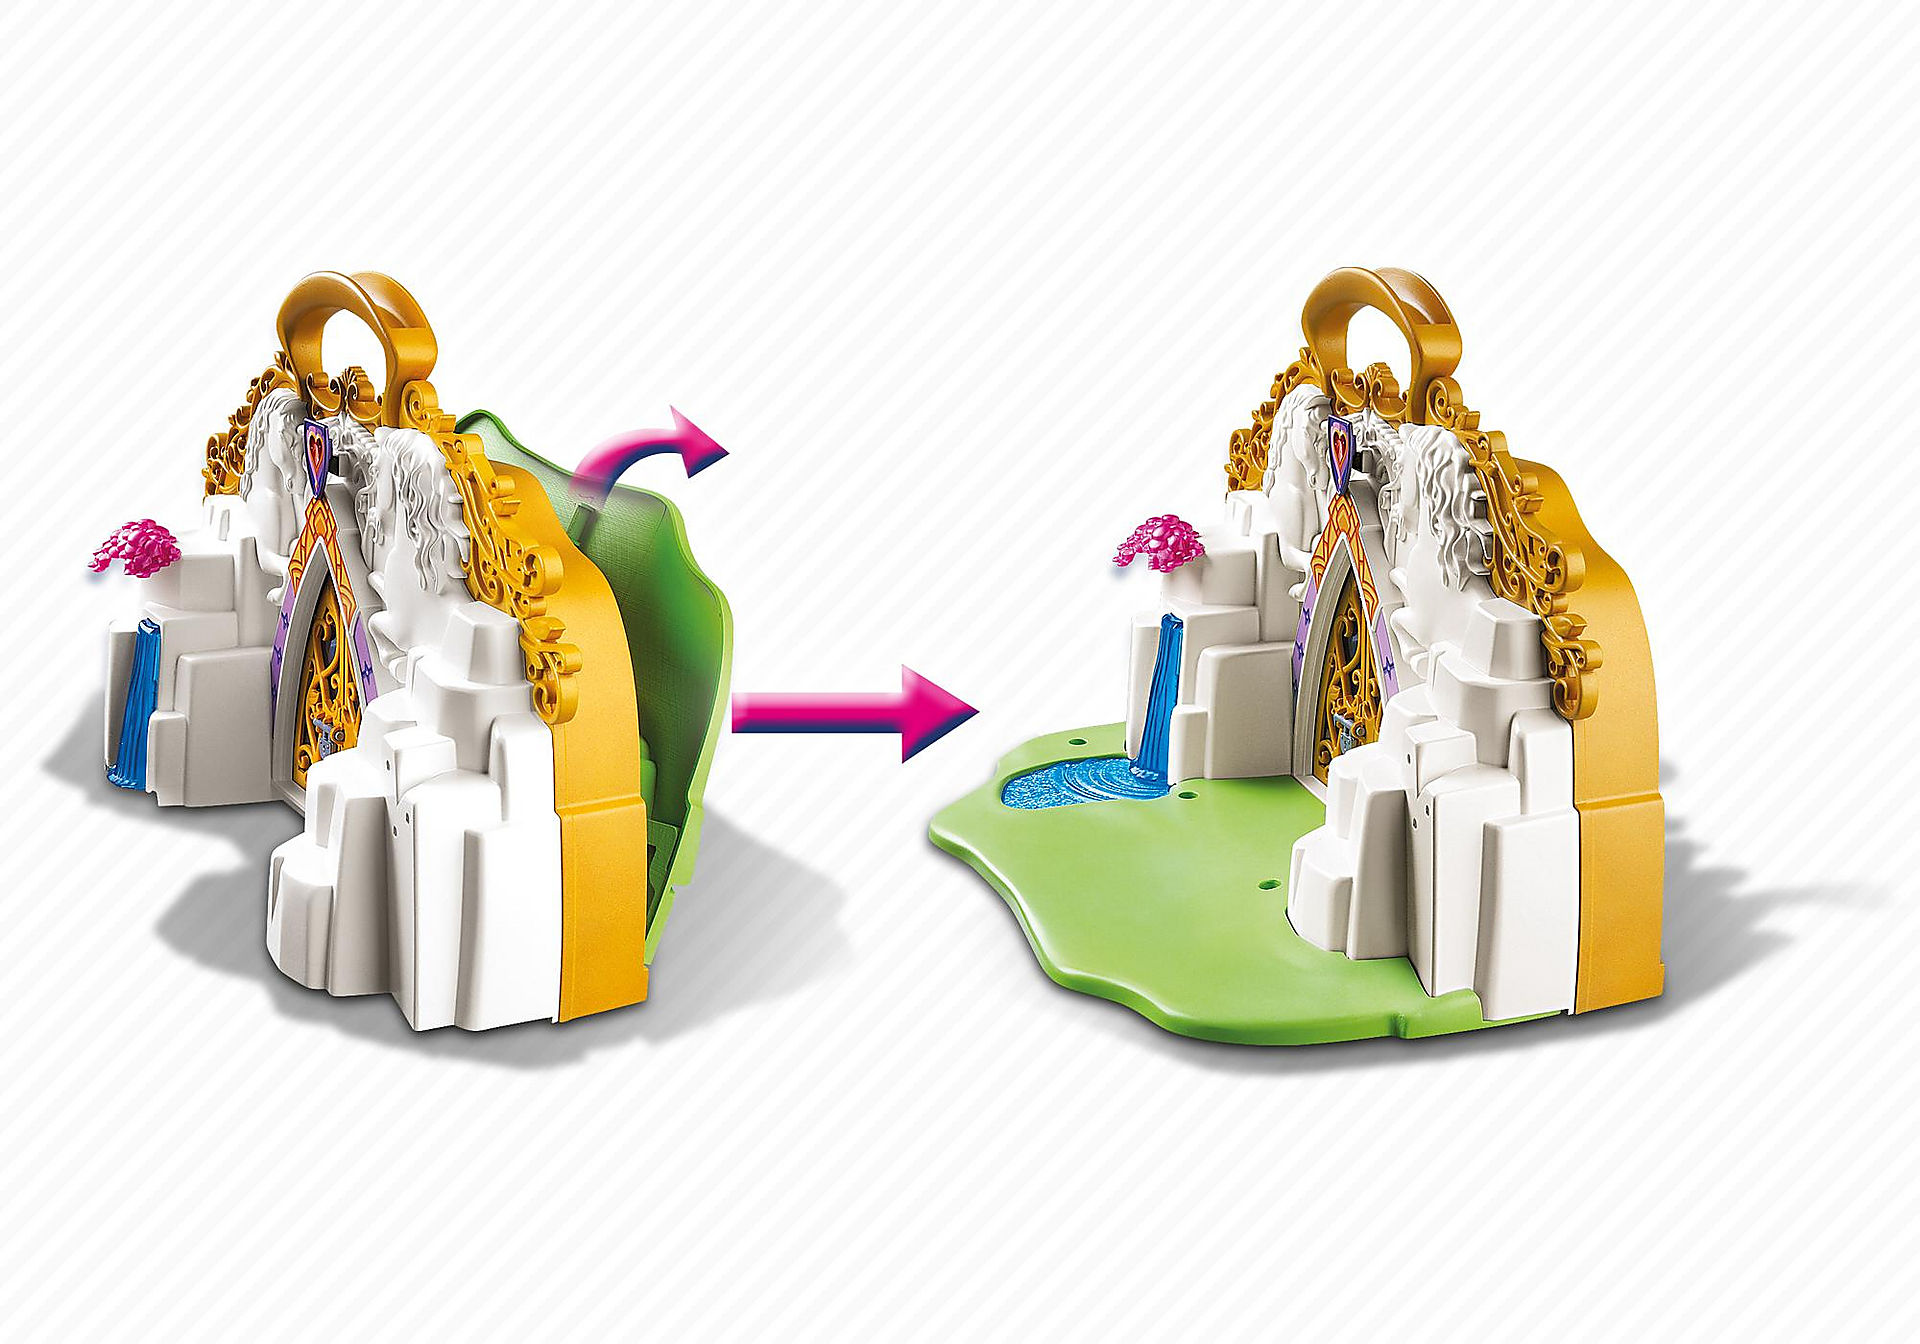 5208 Regno fatato nella valigetta degli Unicorni zoom image4